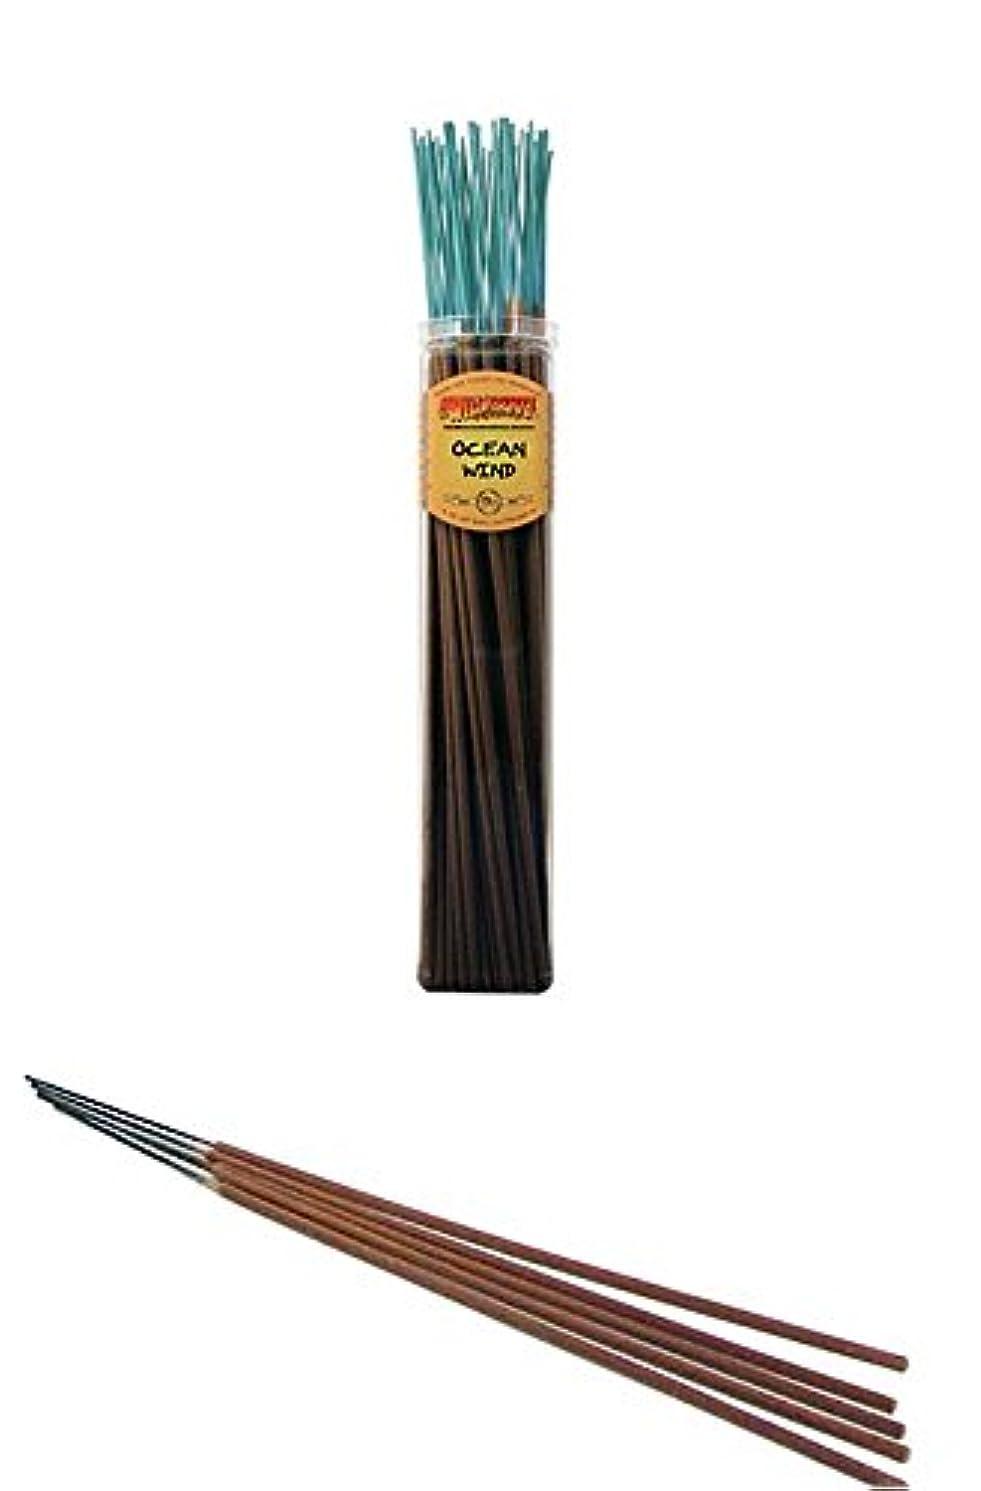 海洋風 – Wild Berry Highly Fragranced Large Incense Sticks